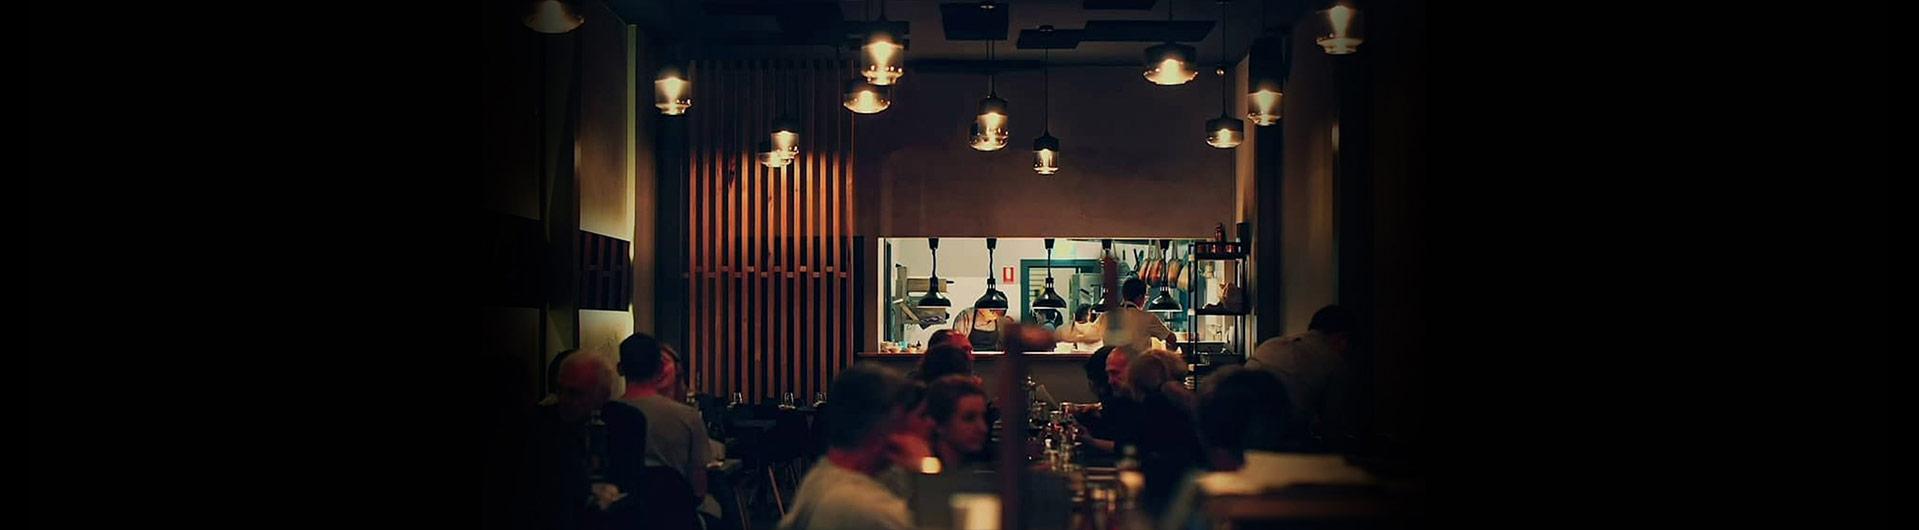 Mediterranean restaurant Melbourne , Greek restaurant Melbourne, Pasta Melbourne, seafood Melbourne, fine dining Melbourne,